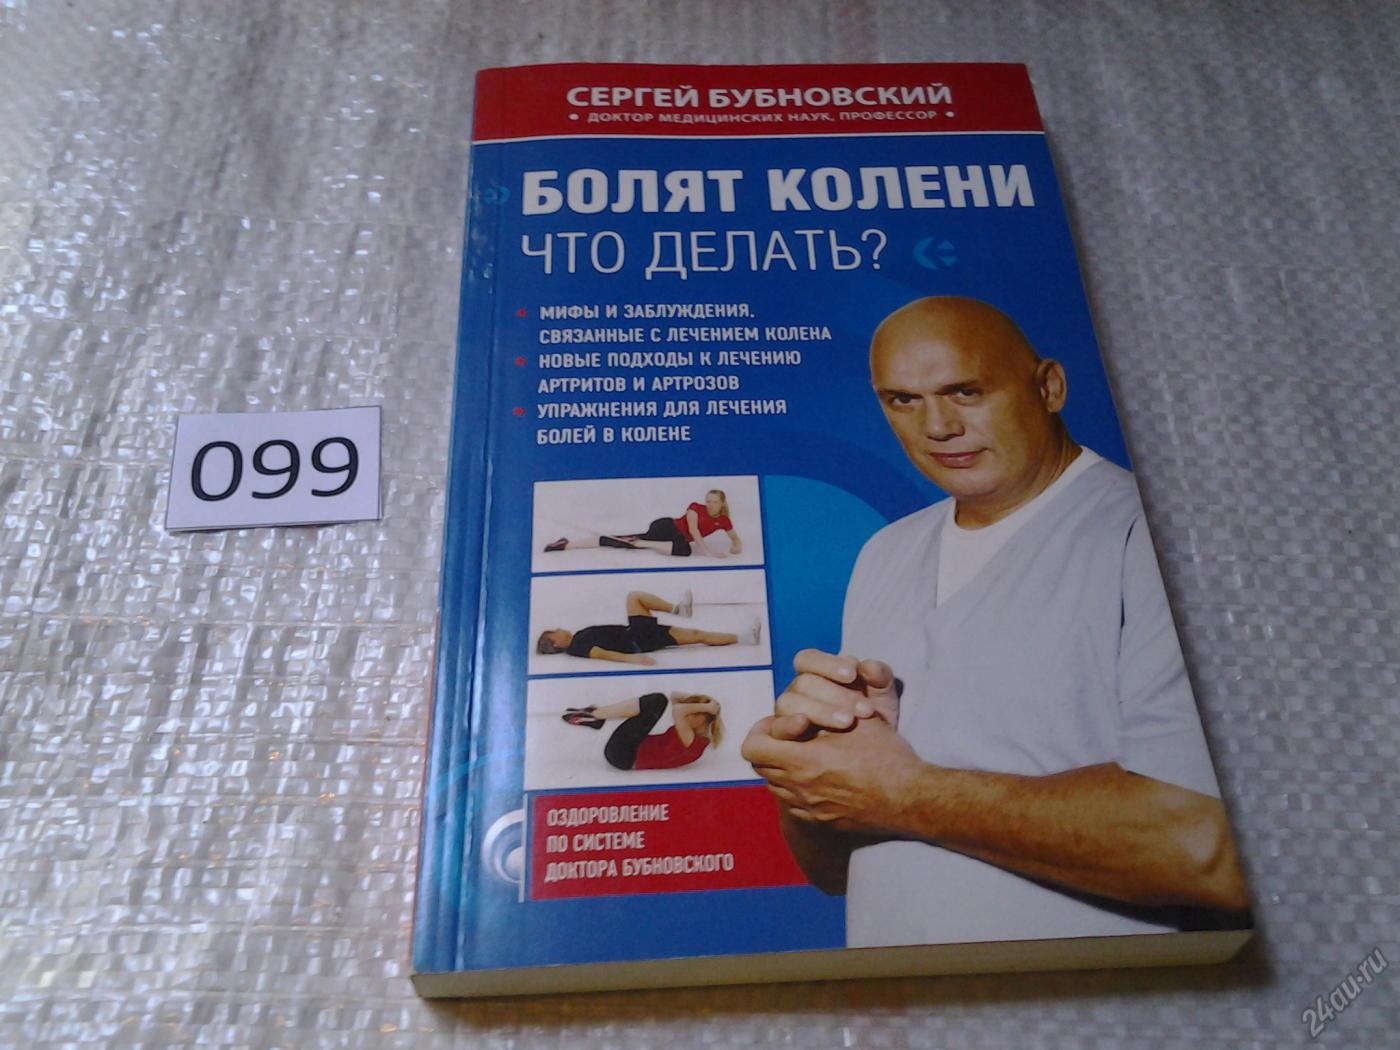 Авторская книга о коленях